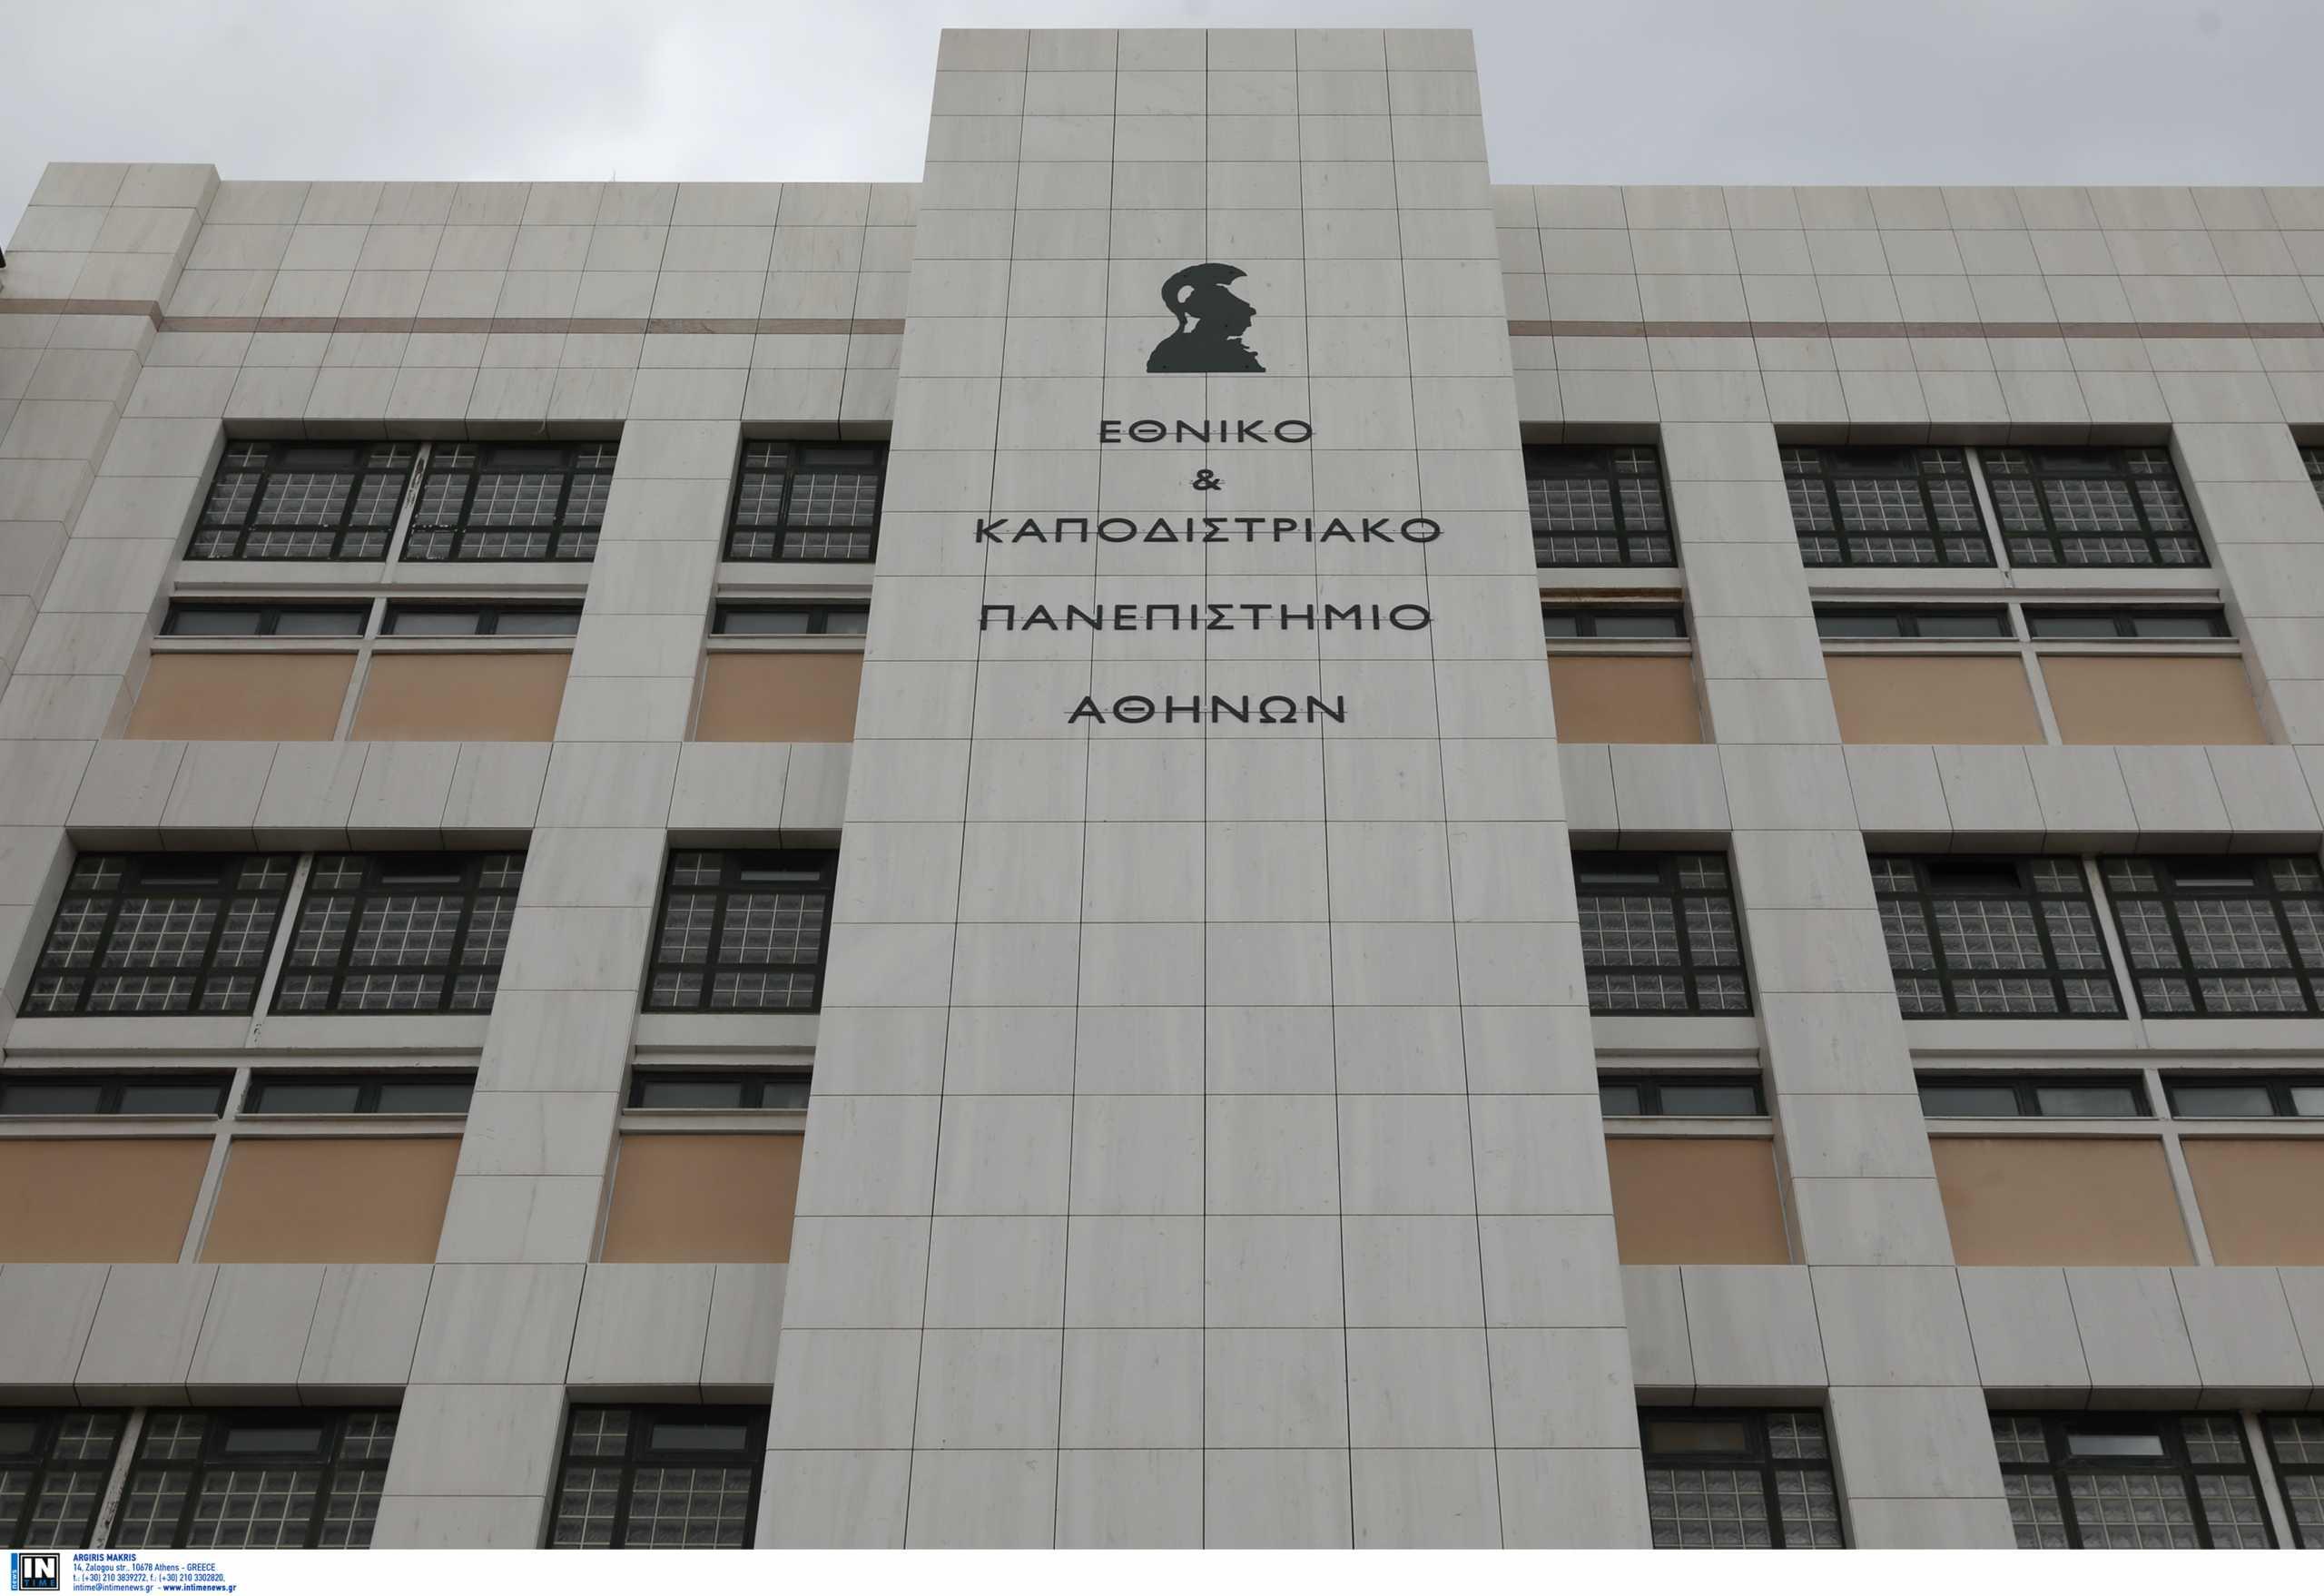 Εθνικό Καποδιστριακό Πανεπιστήμιο Αθηνών: Στα 25 καλύτερα στον τομέα των συνεργασιών